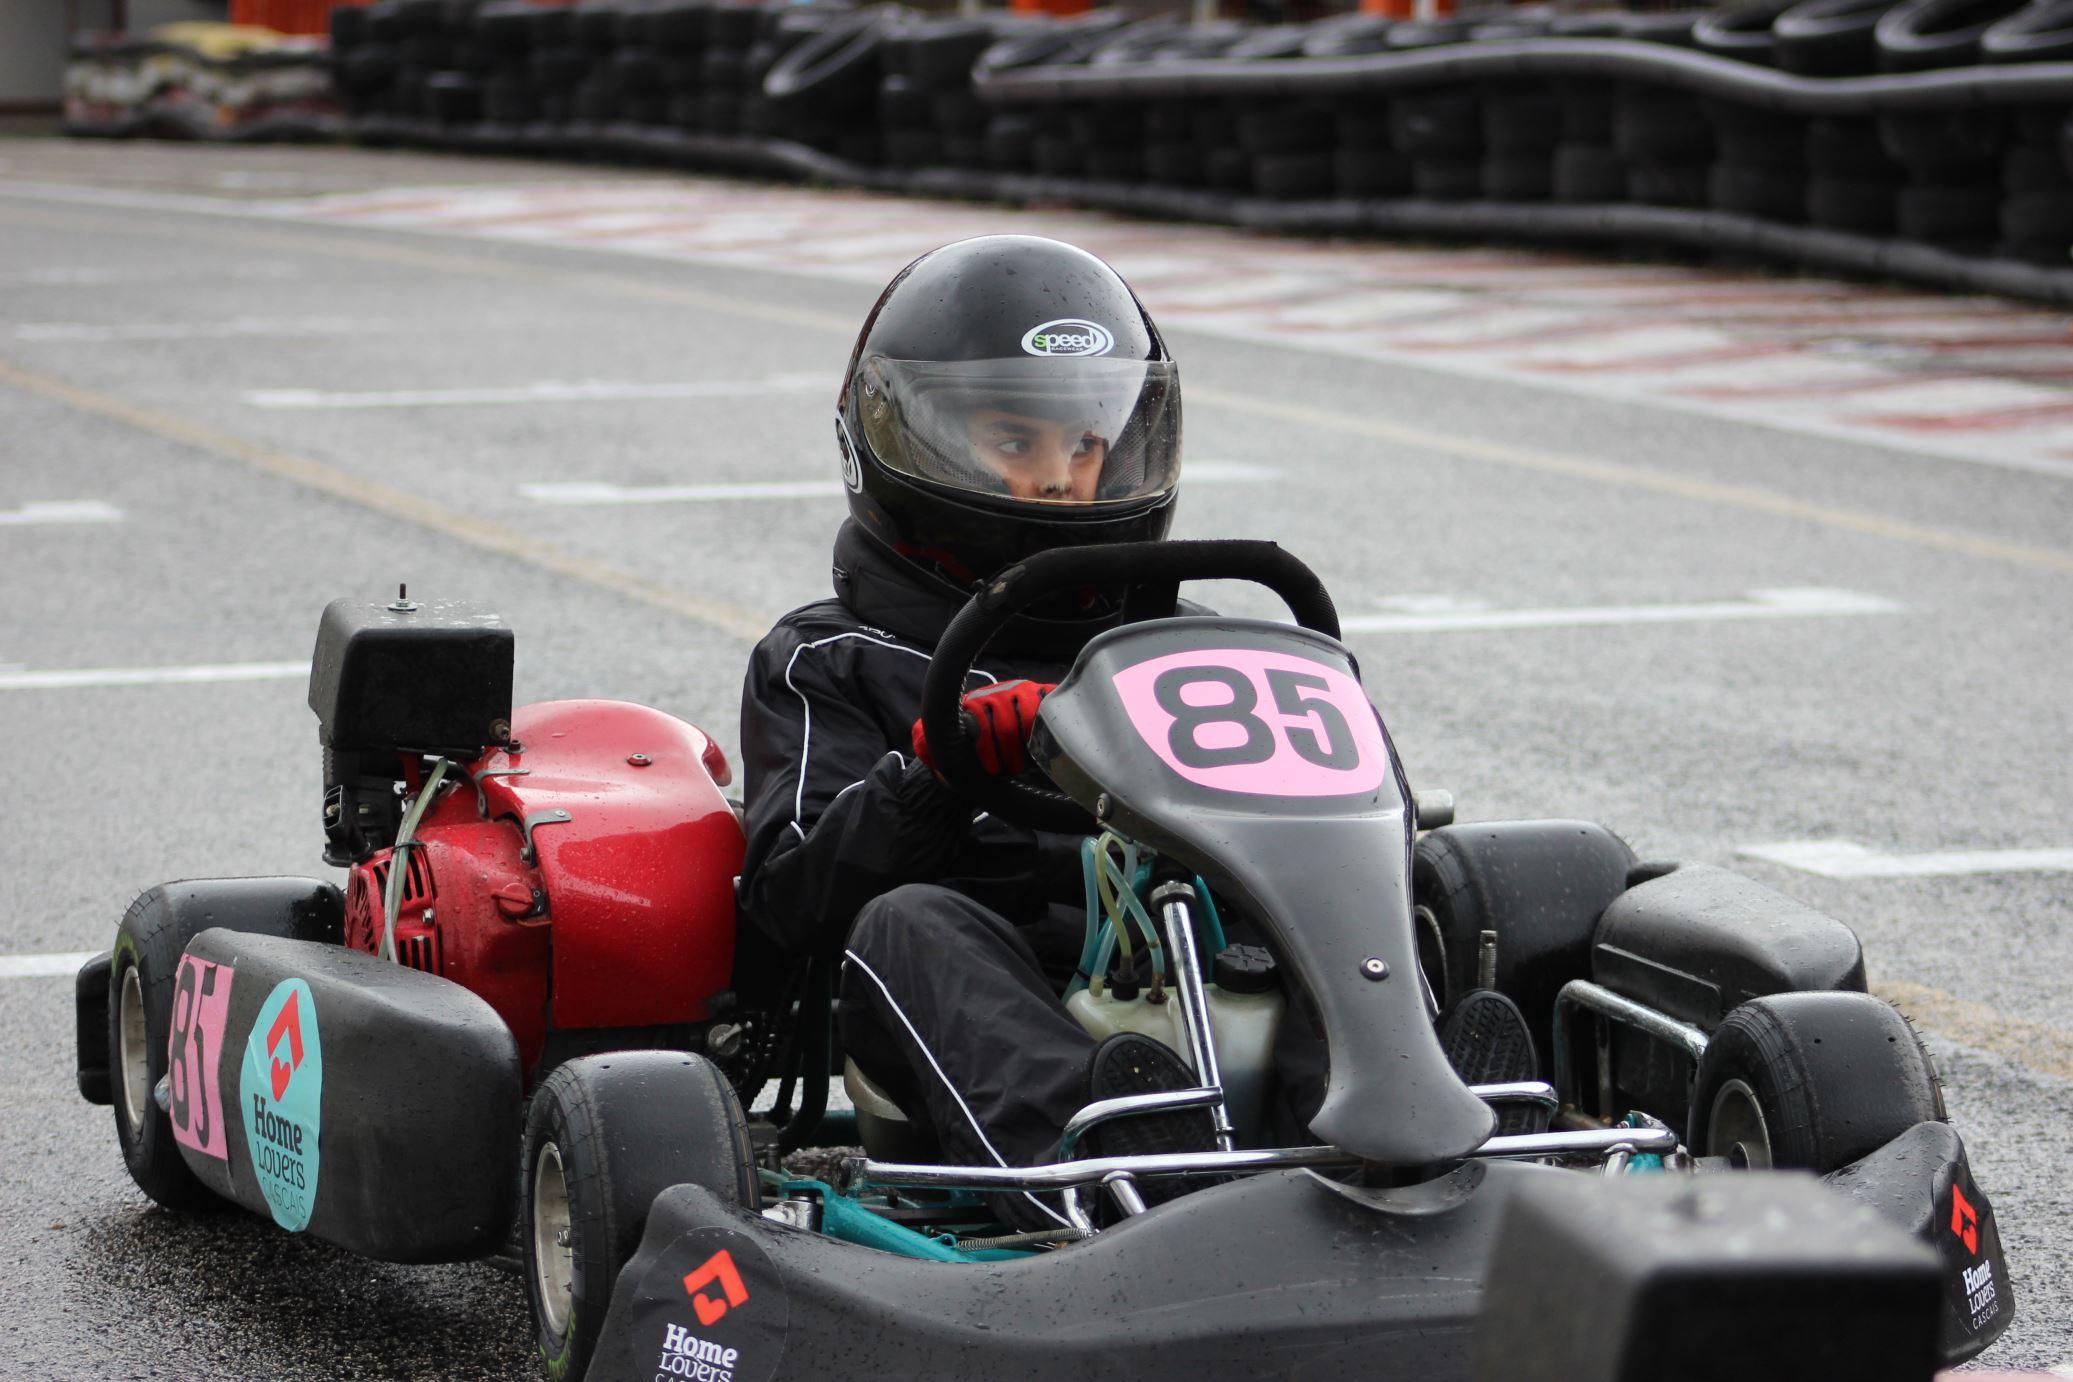 Troféu Honda 2014 - 2ª Prova23